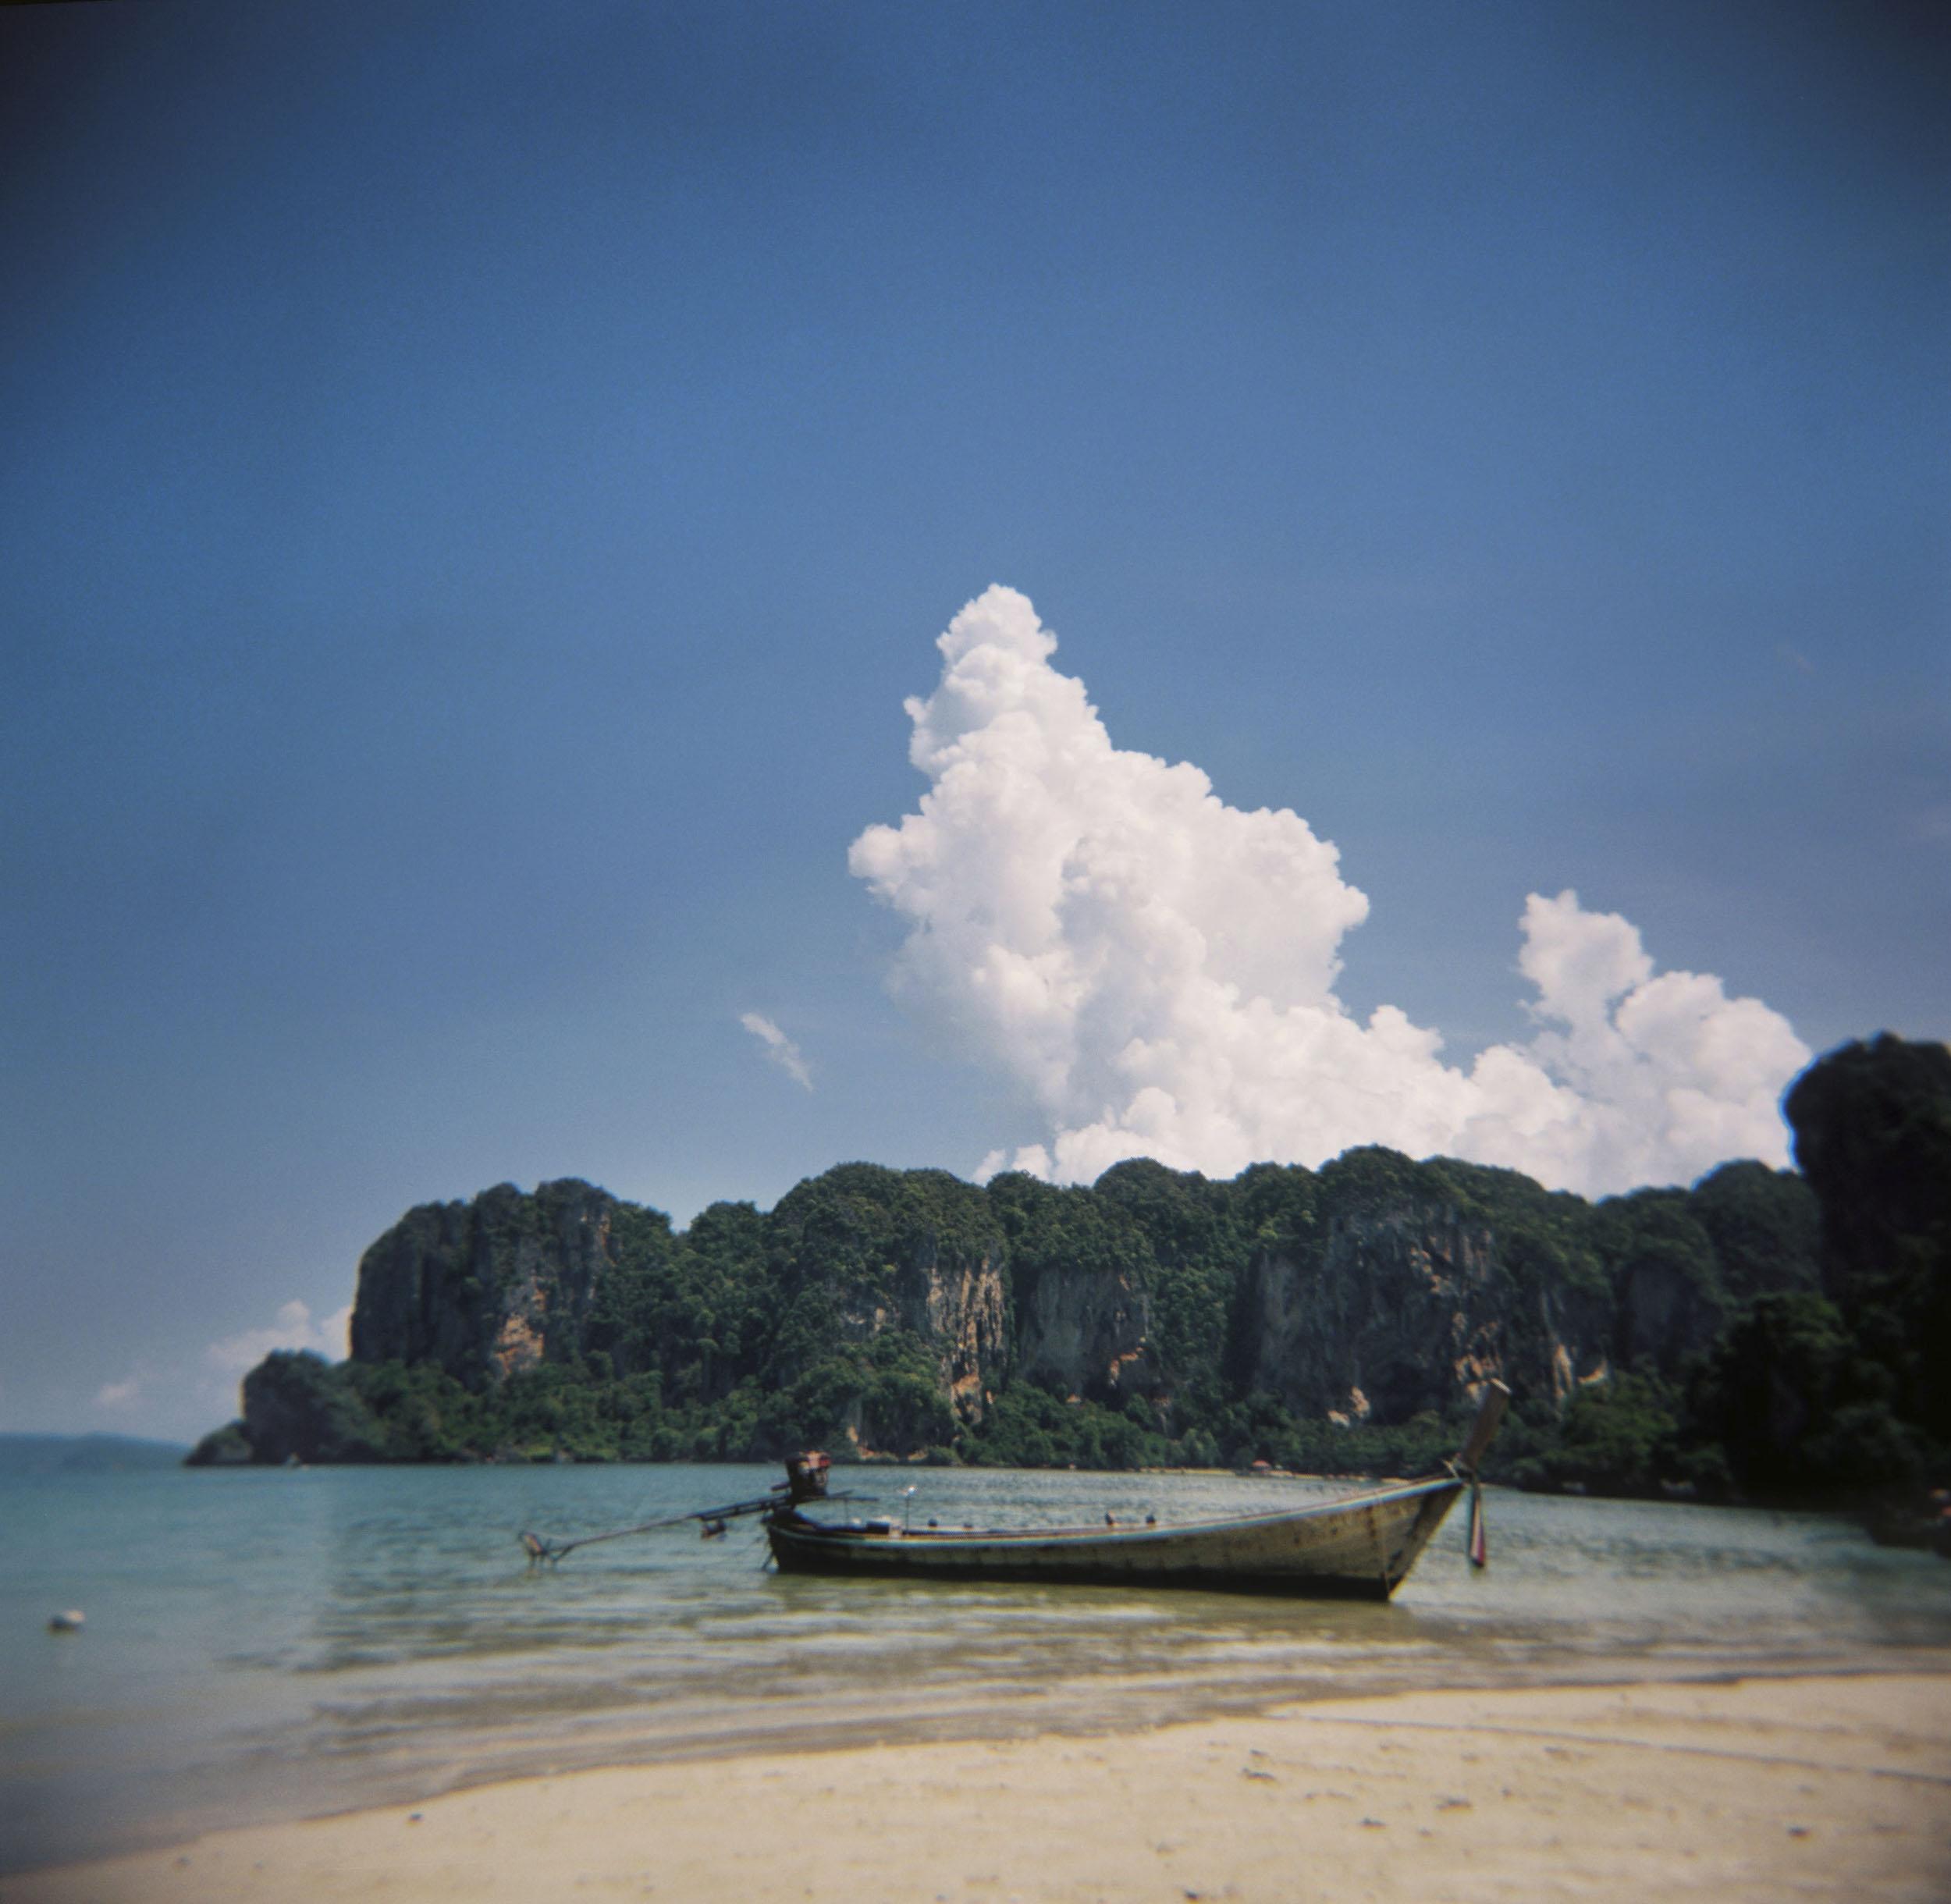 VolaVisuals Krabi Thailand - 016.jpg